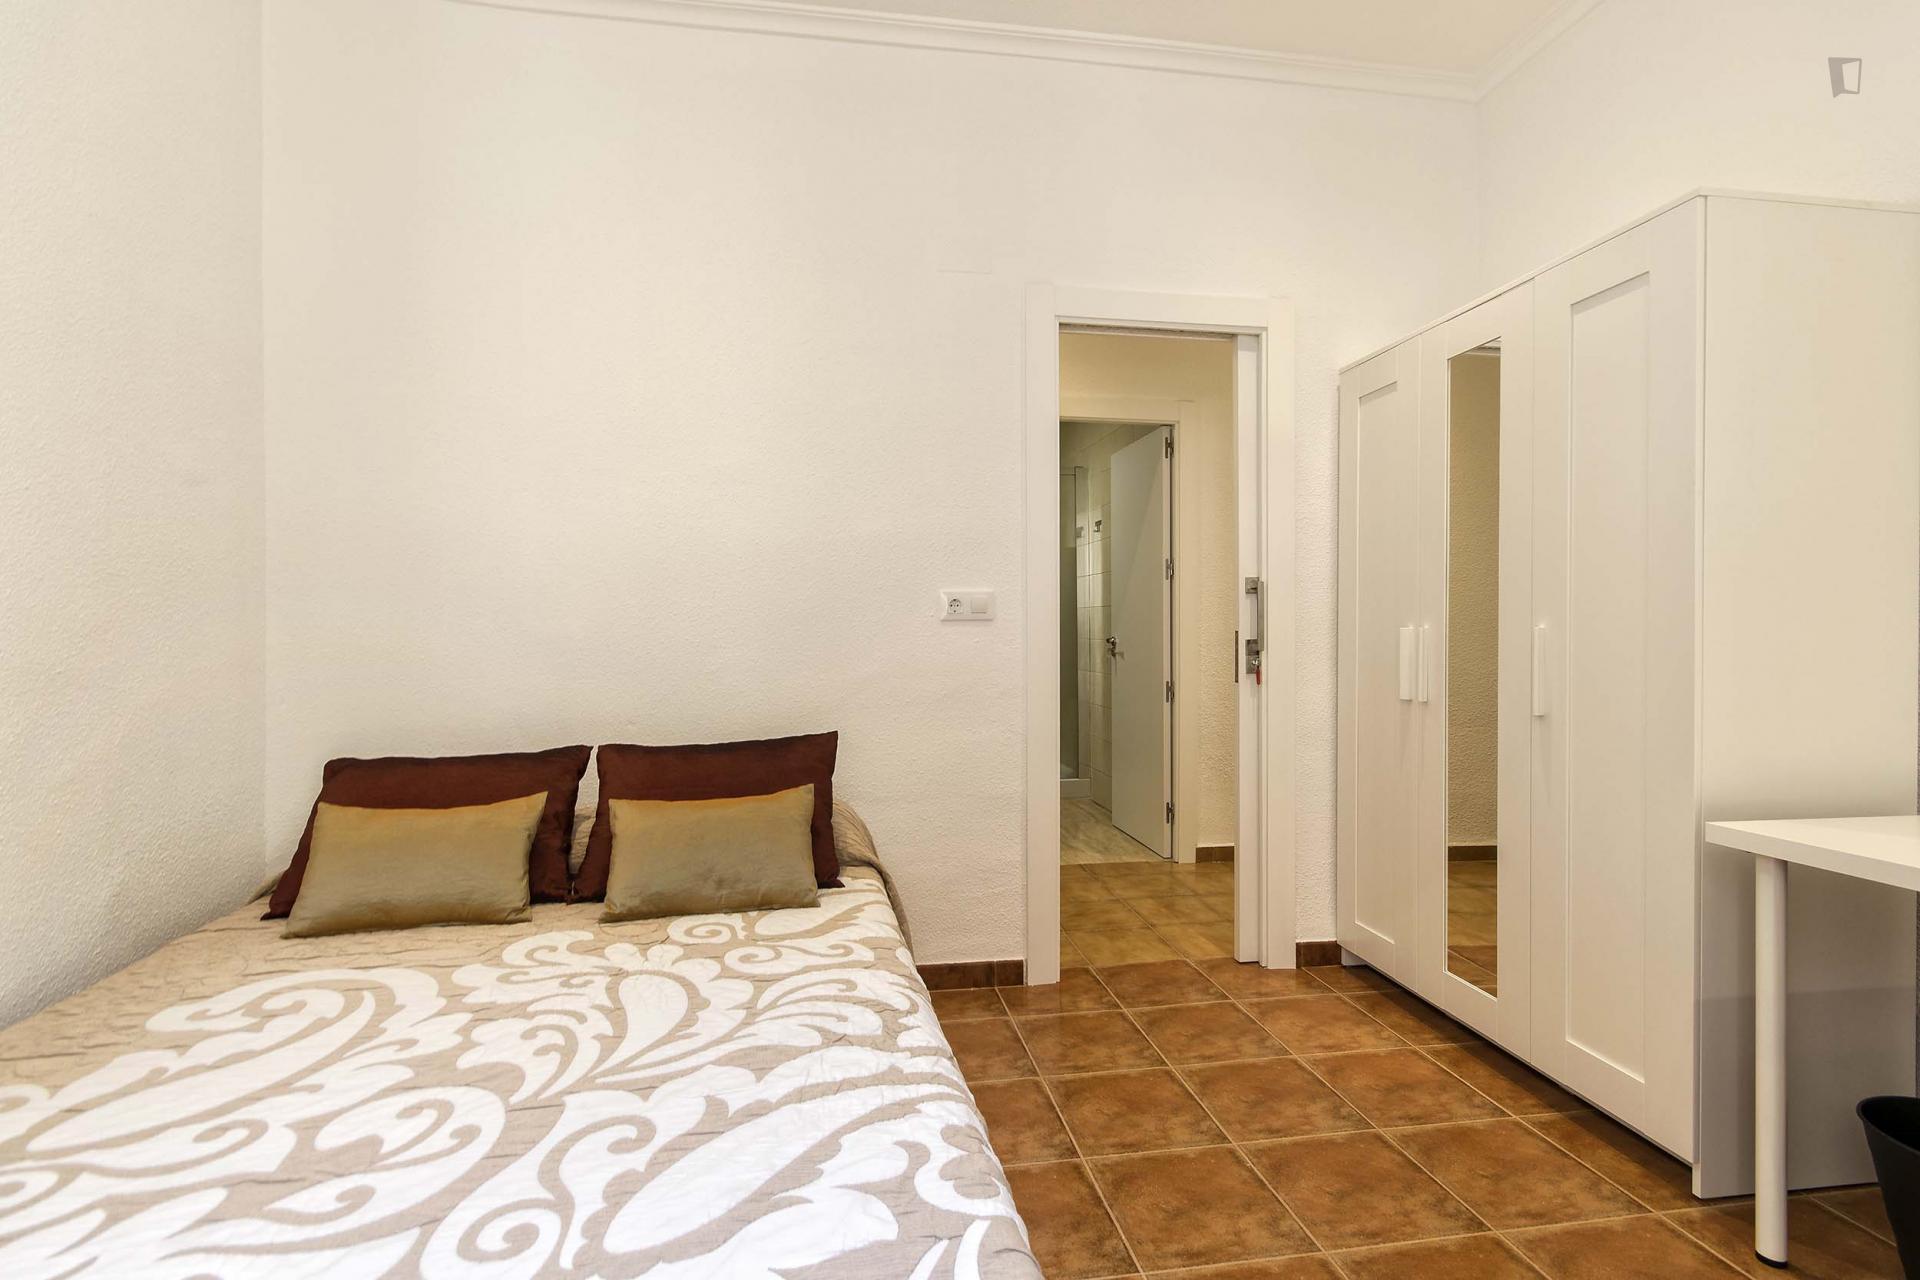 Valdes -Attractive double room in Alicante